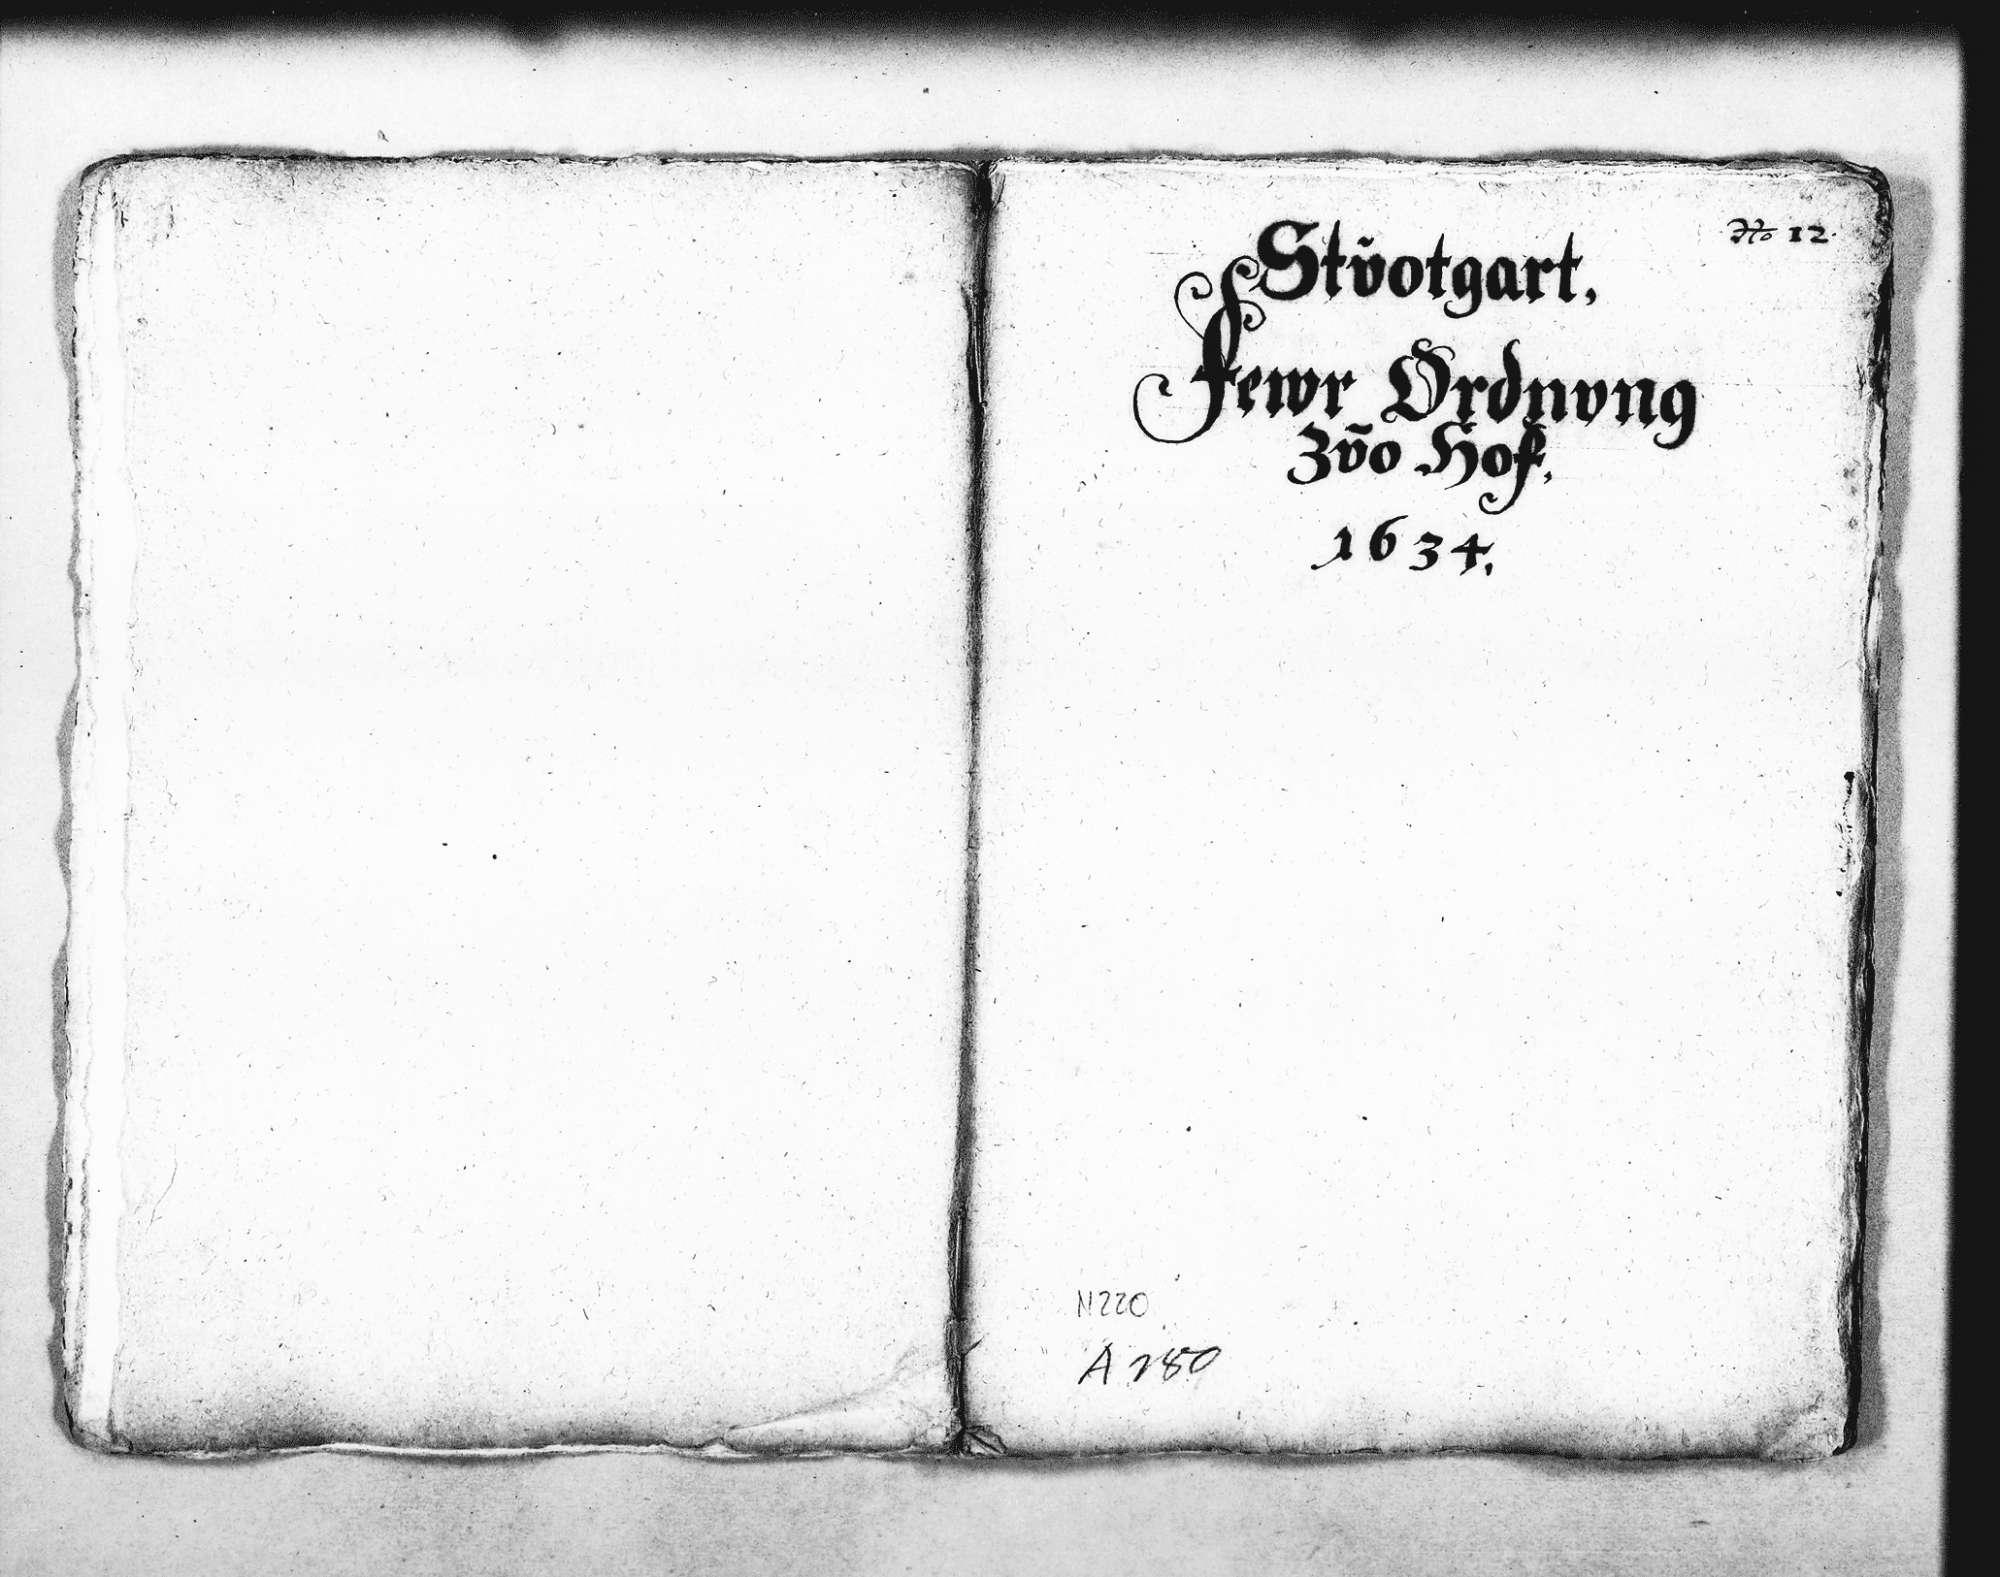 Entwurf der Feuerordnung für das Schloss in Stuttgart, Bild 1